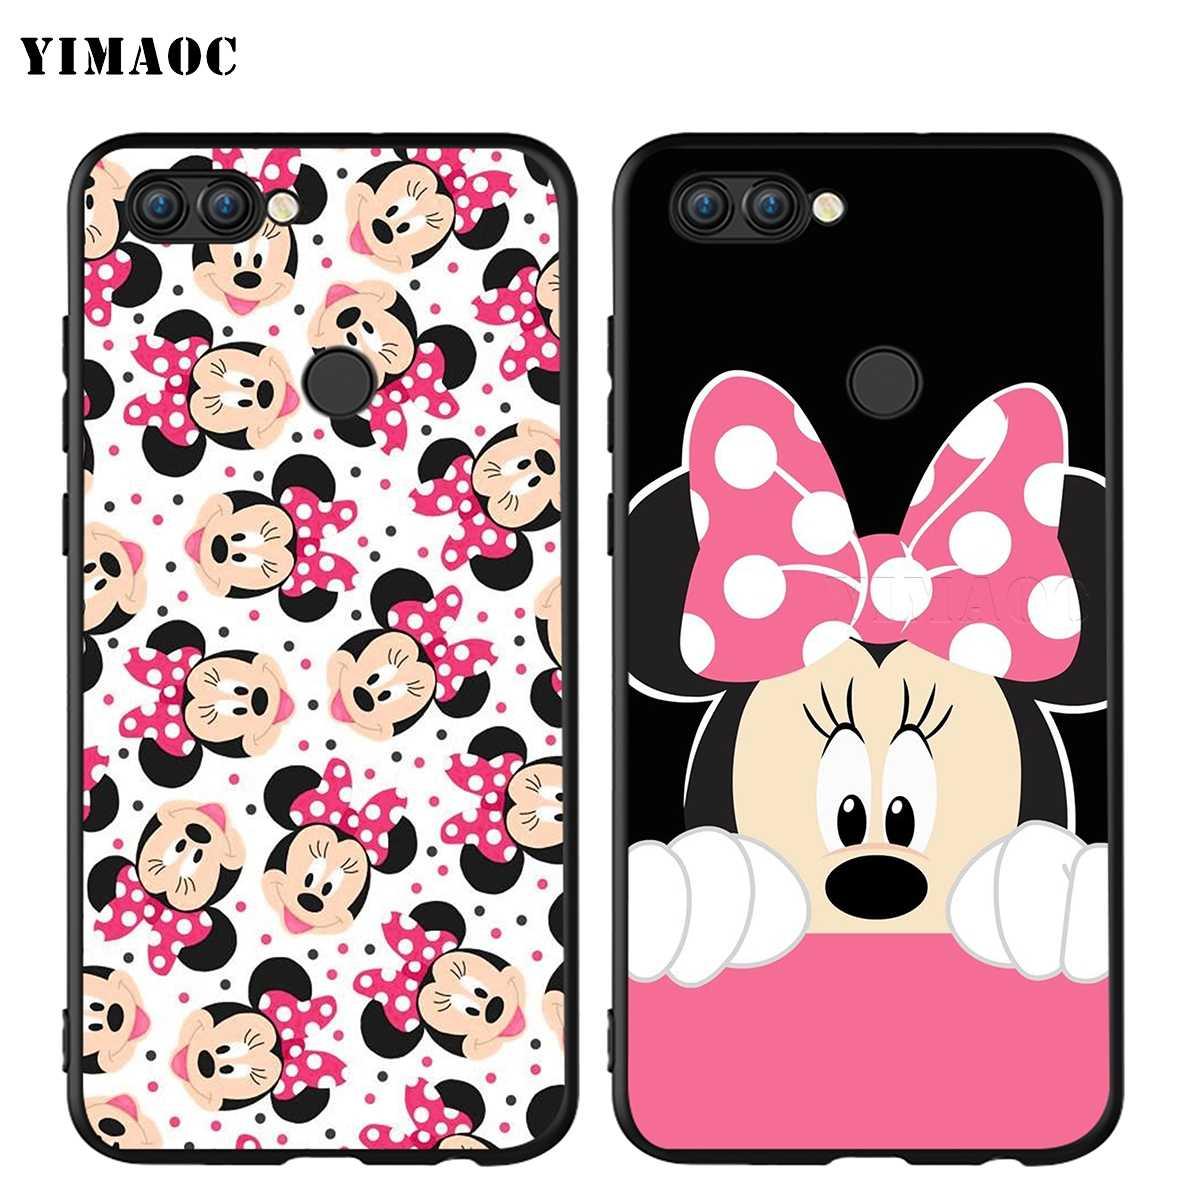 YIMAOC Minnie Ragazze Del Mouse Sveglio per il Caso di Huawei Honor Compagno P smart Y7 Y9 8C 30 20 10 8x Nova 3i 3 Lite Pro Prime 2018 2019